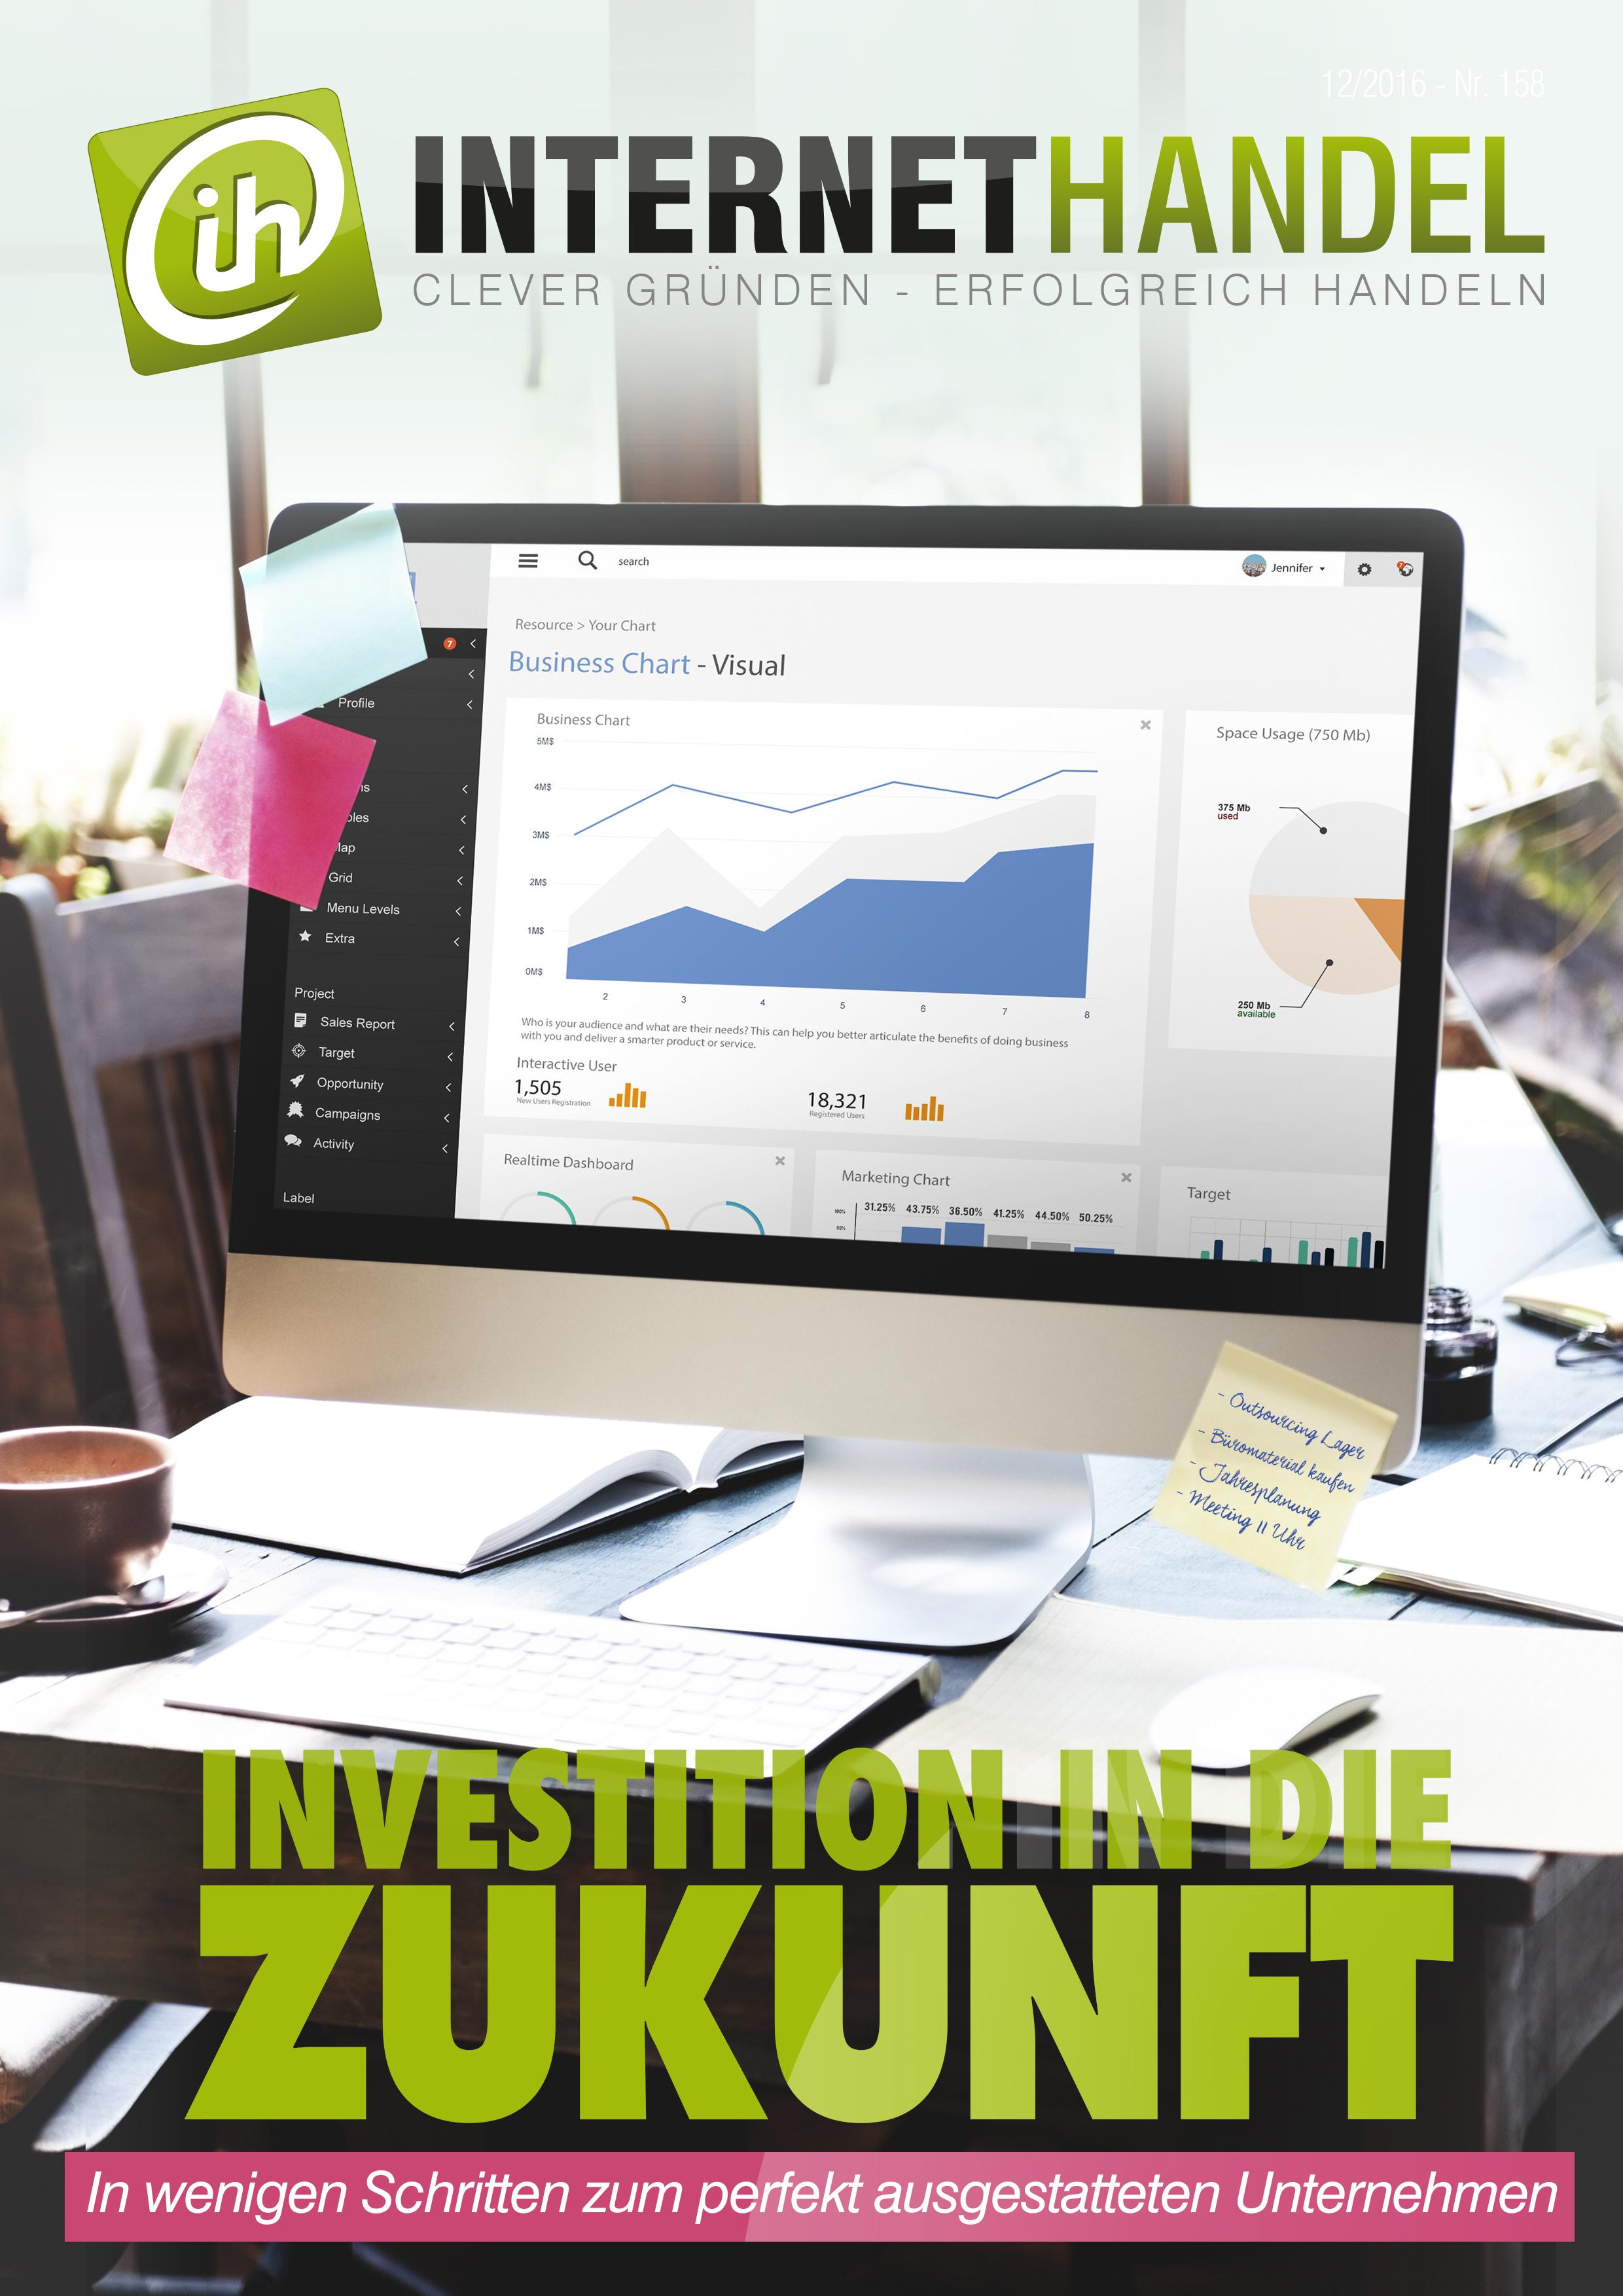 Titelbild-Internethandel-de-Nr-158-12-2016-Investition-in-die-Zukunft